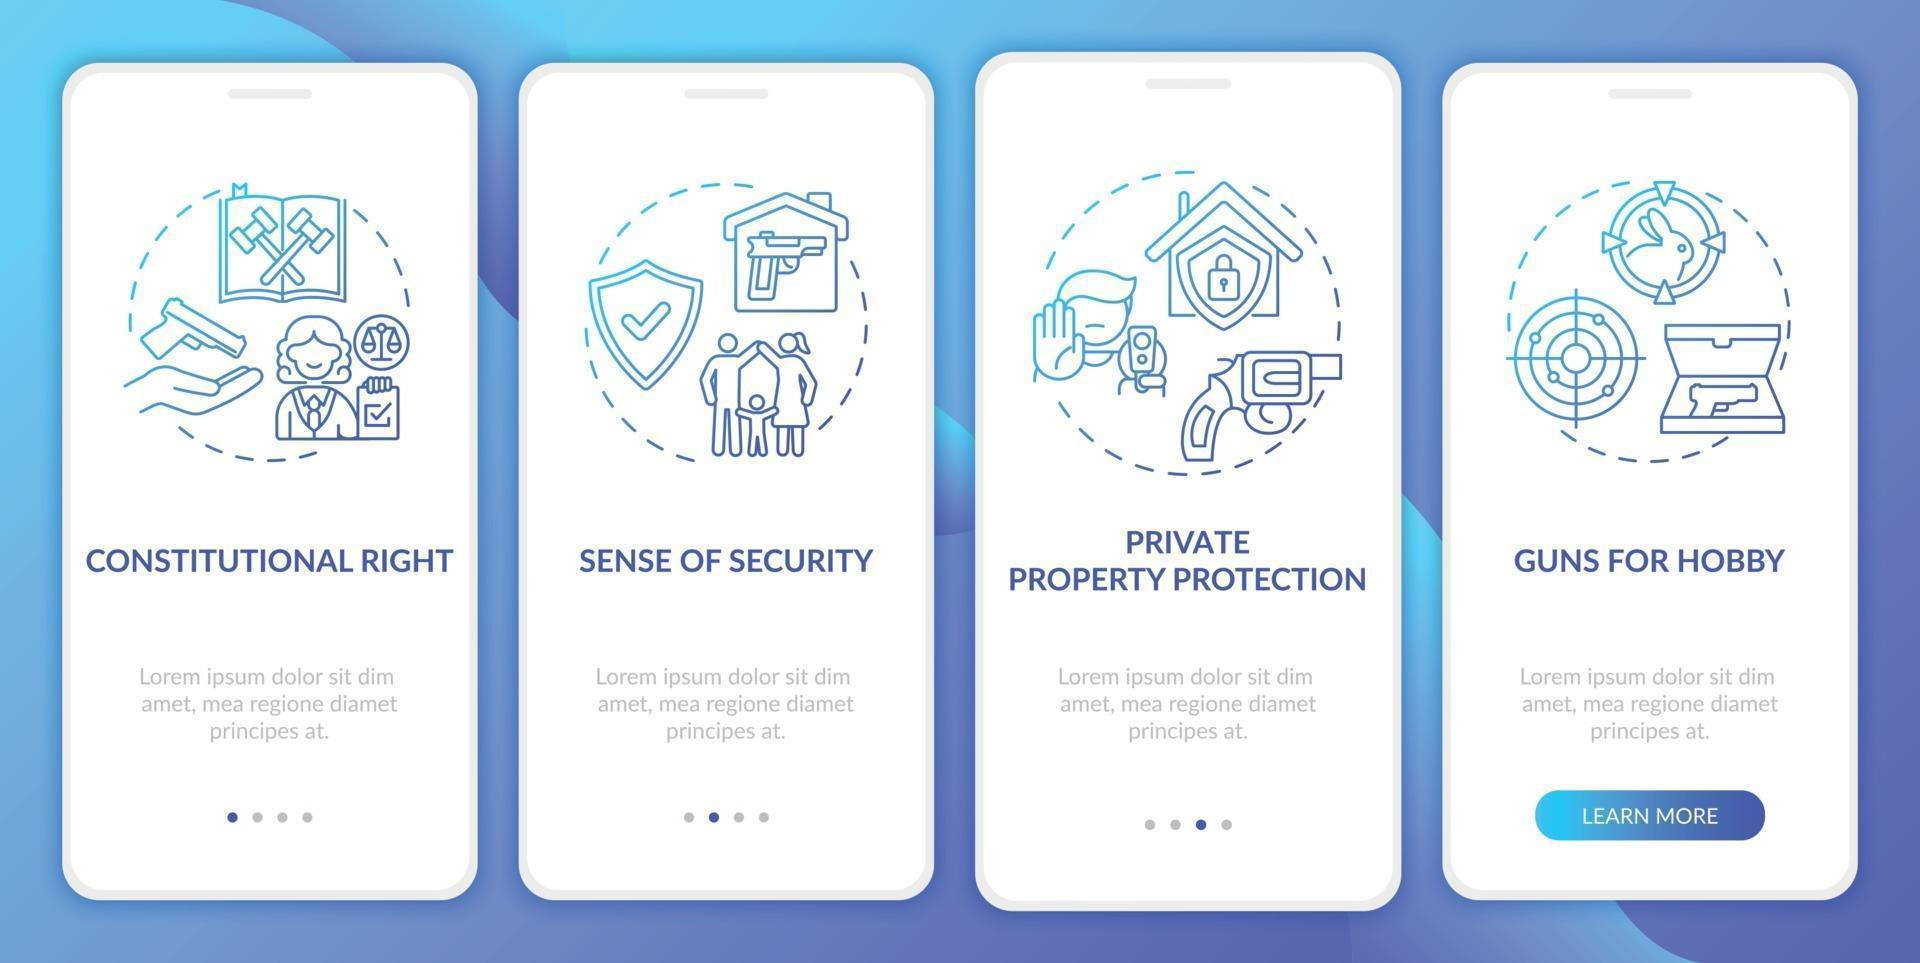 direito da arma azul escuro integração tela da página do aplicativo móvel com conceitos vetor